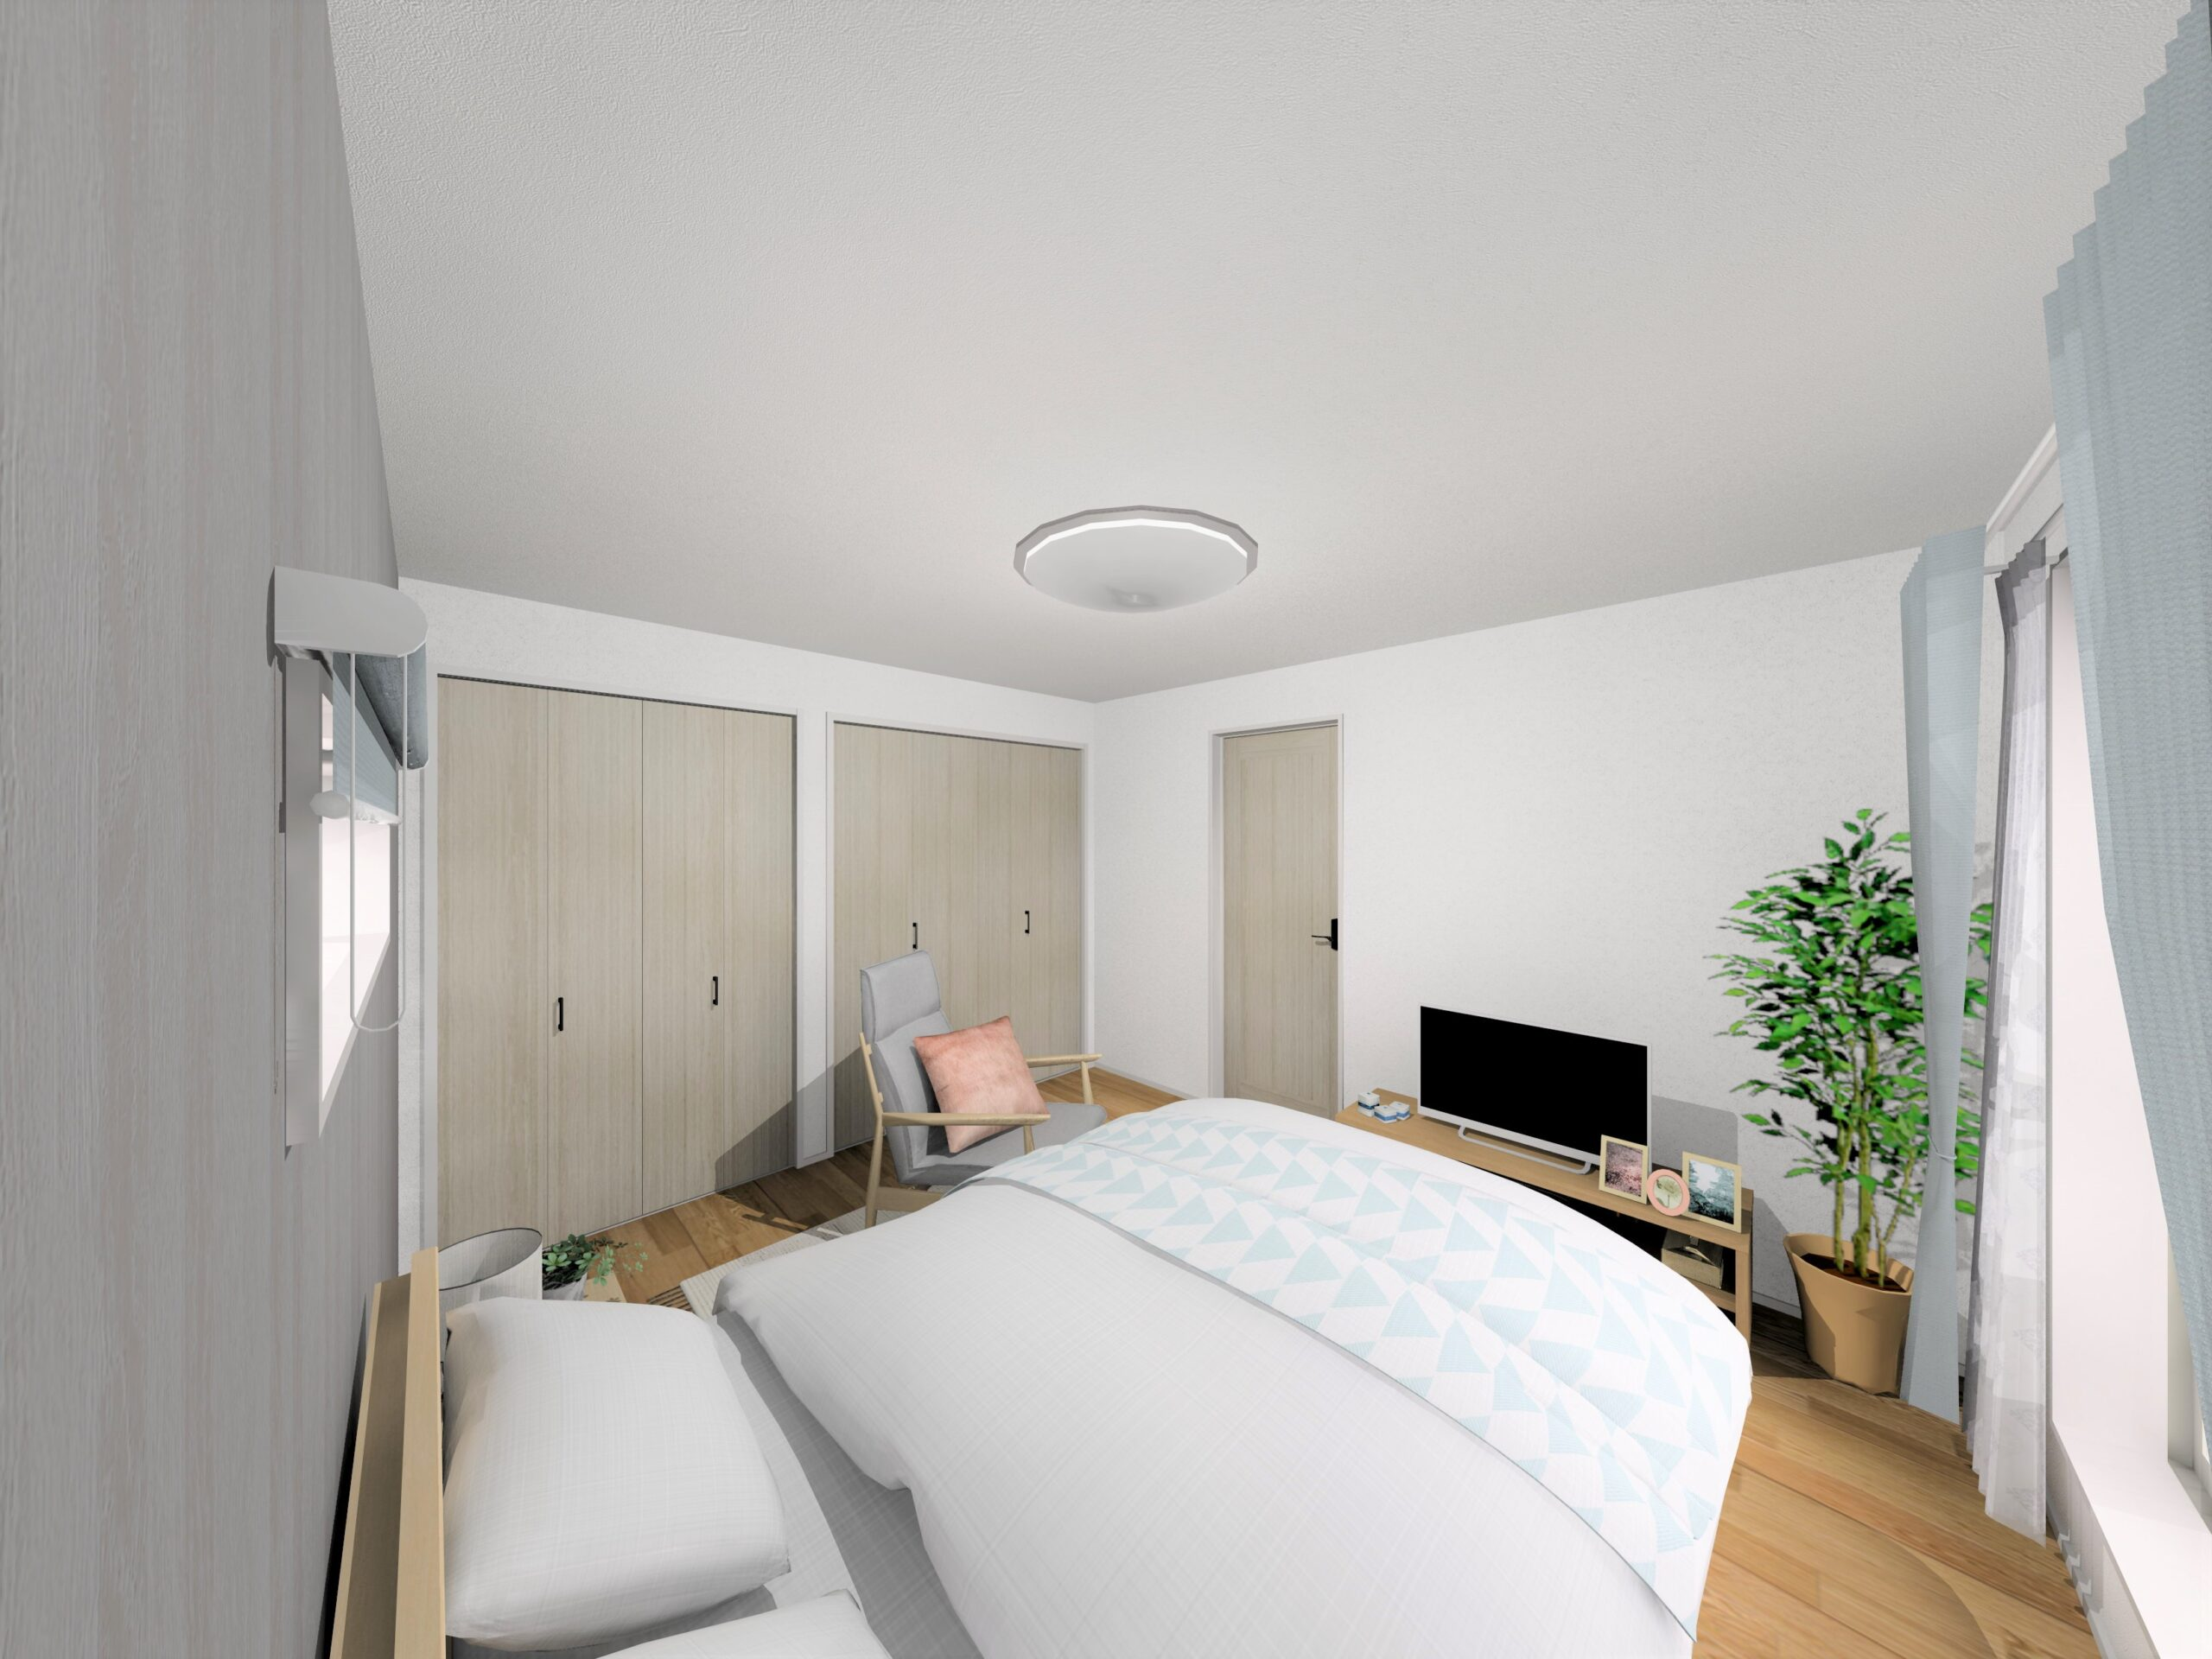 上峰町新築建売住宅「OURS上峰Ⅱ2号地」